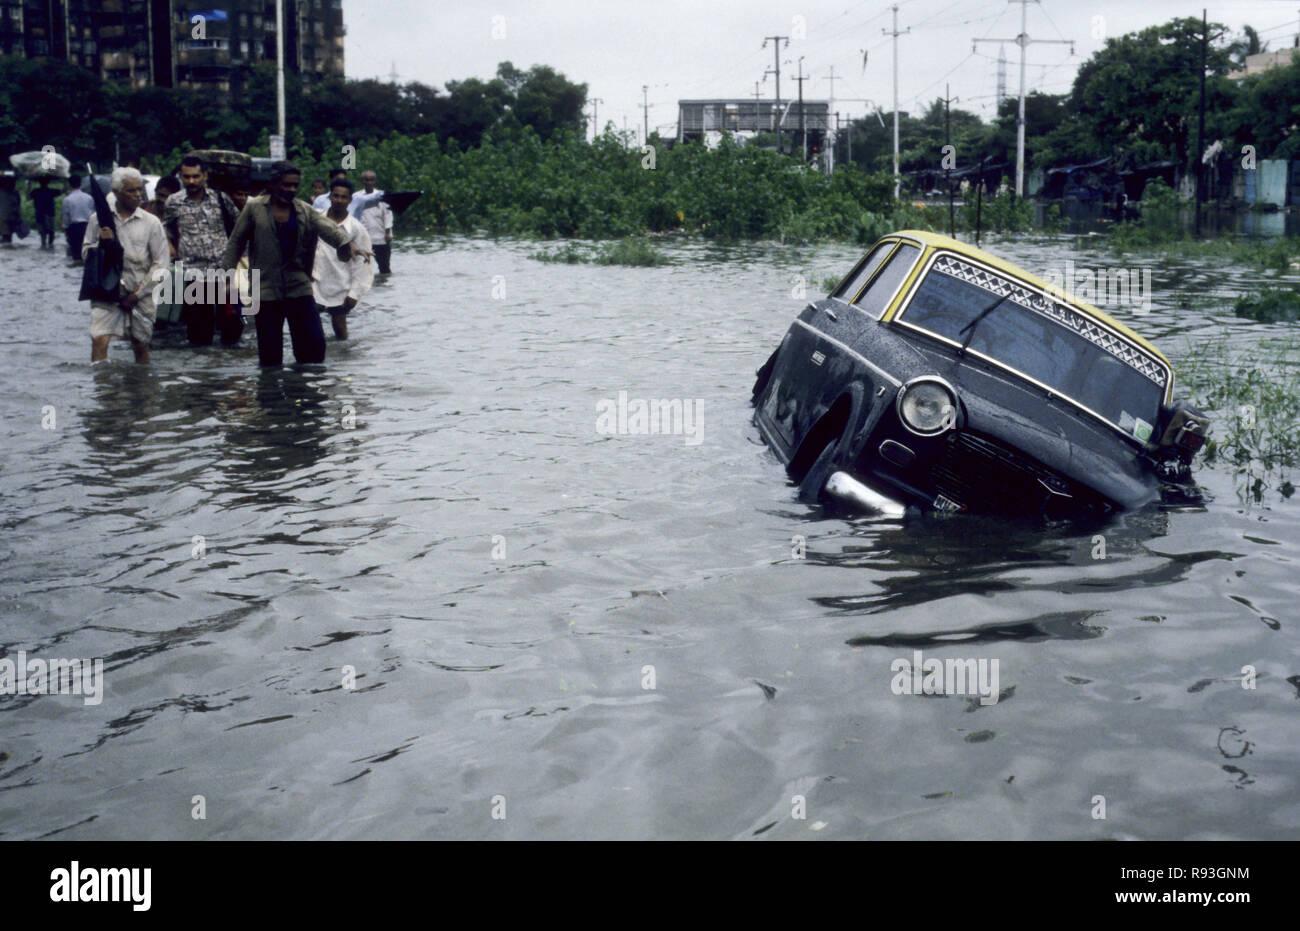 Taxi submerged in rain water flooding street in monsoon season Bombay Mumbai Maharashtra India Stock Photo